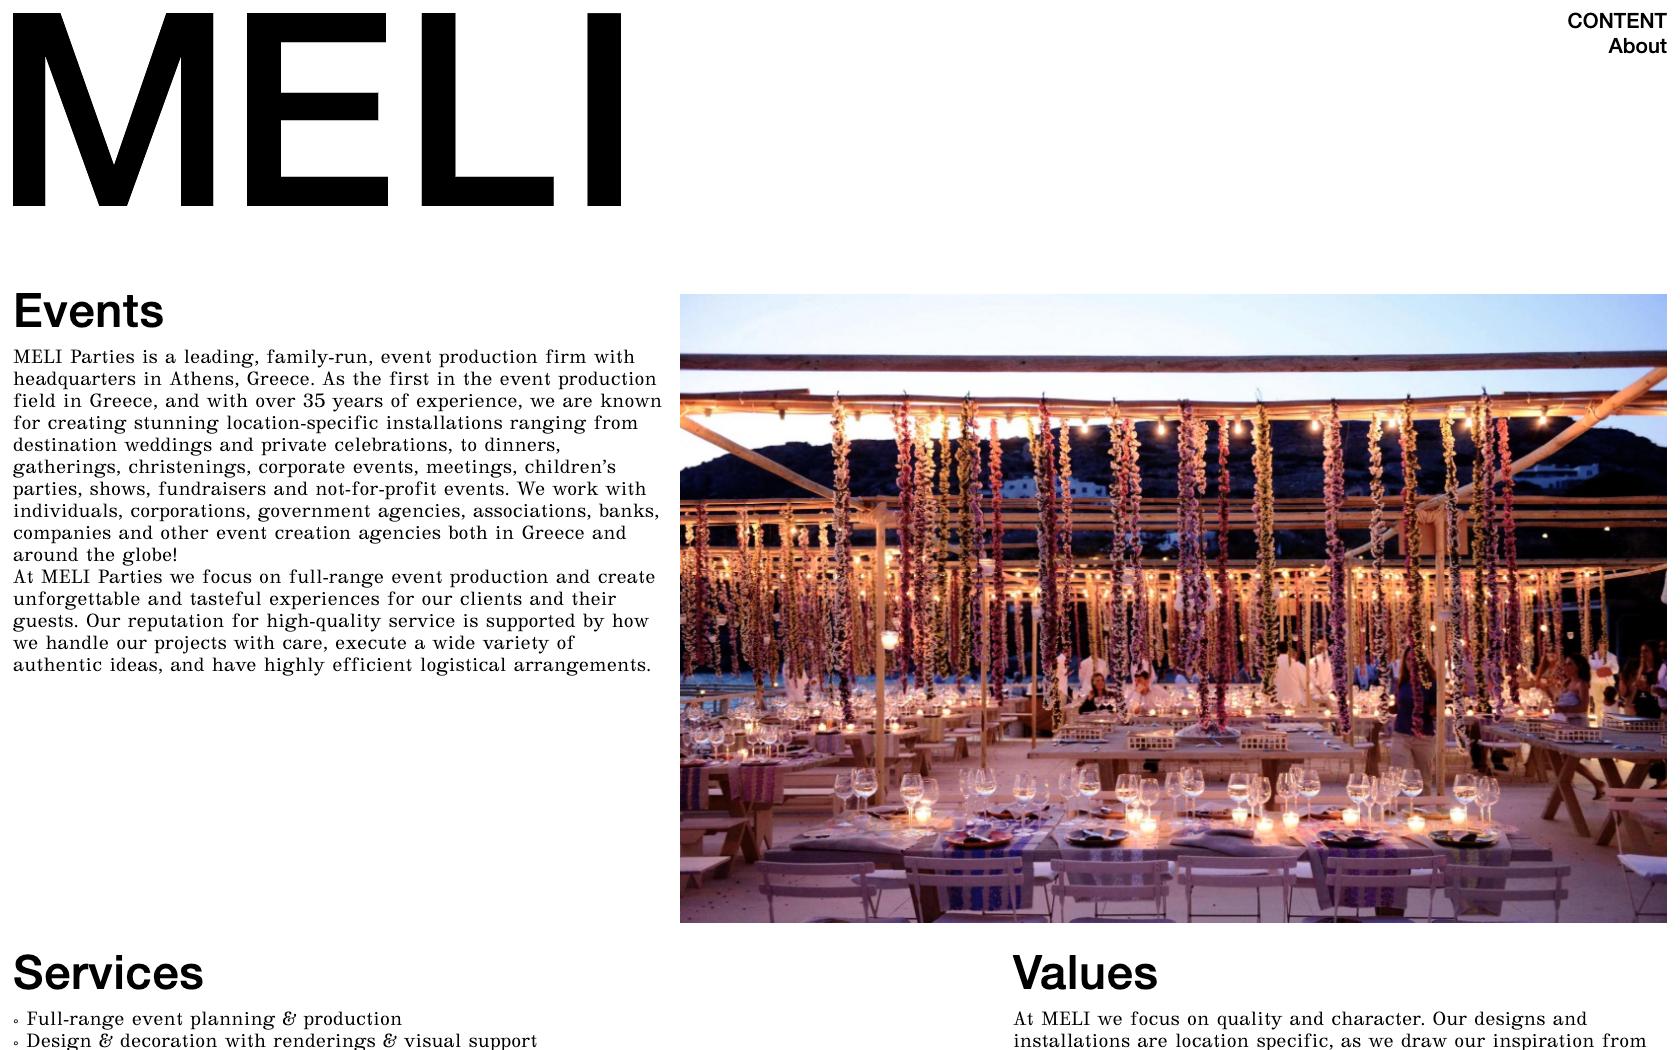 • MELI parties – Website 0